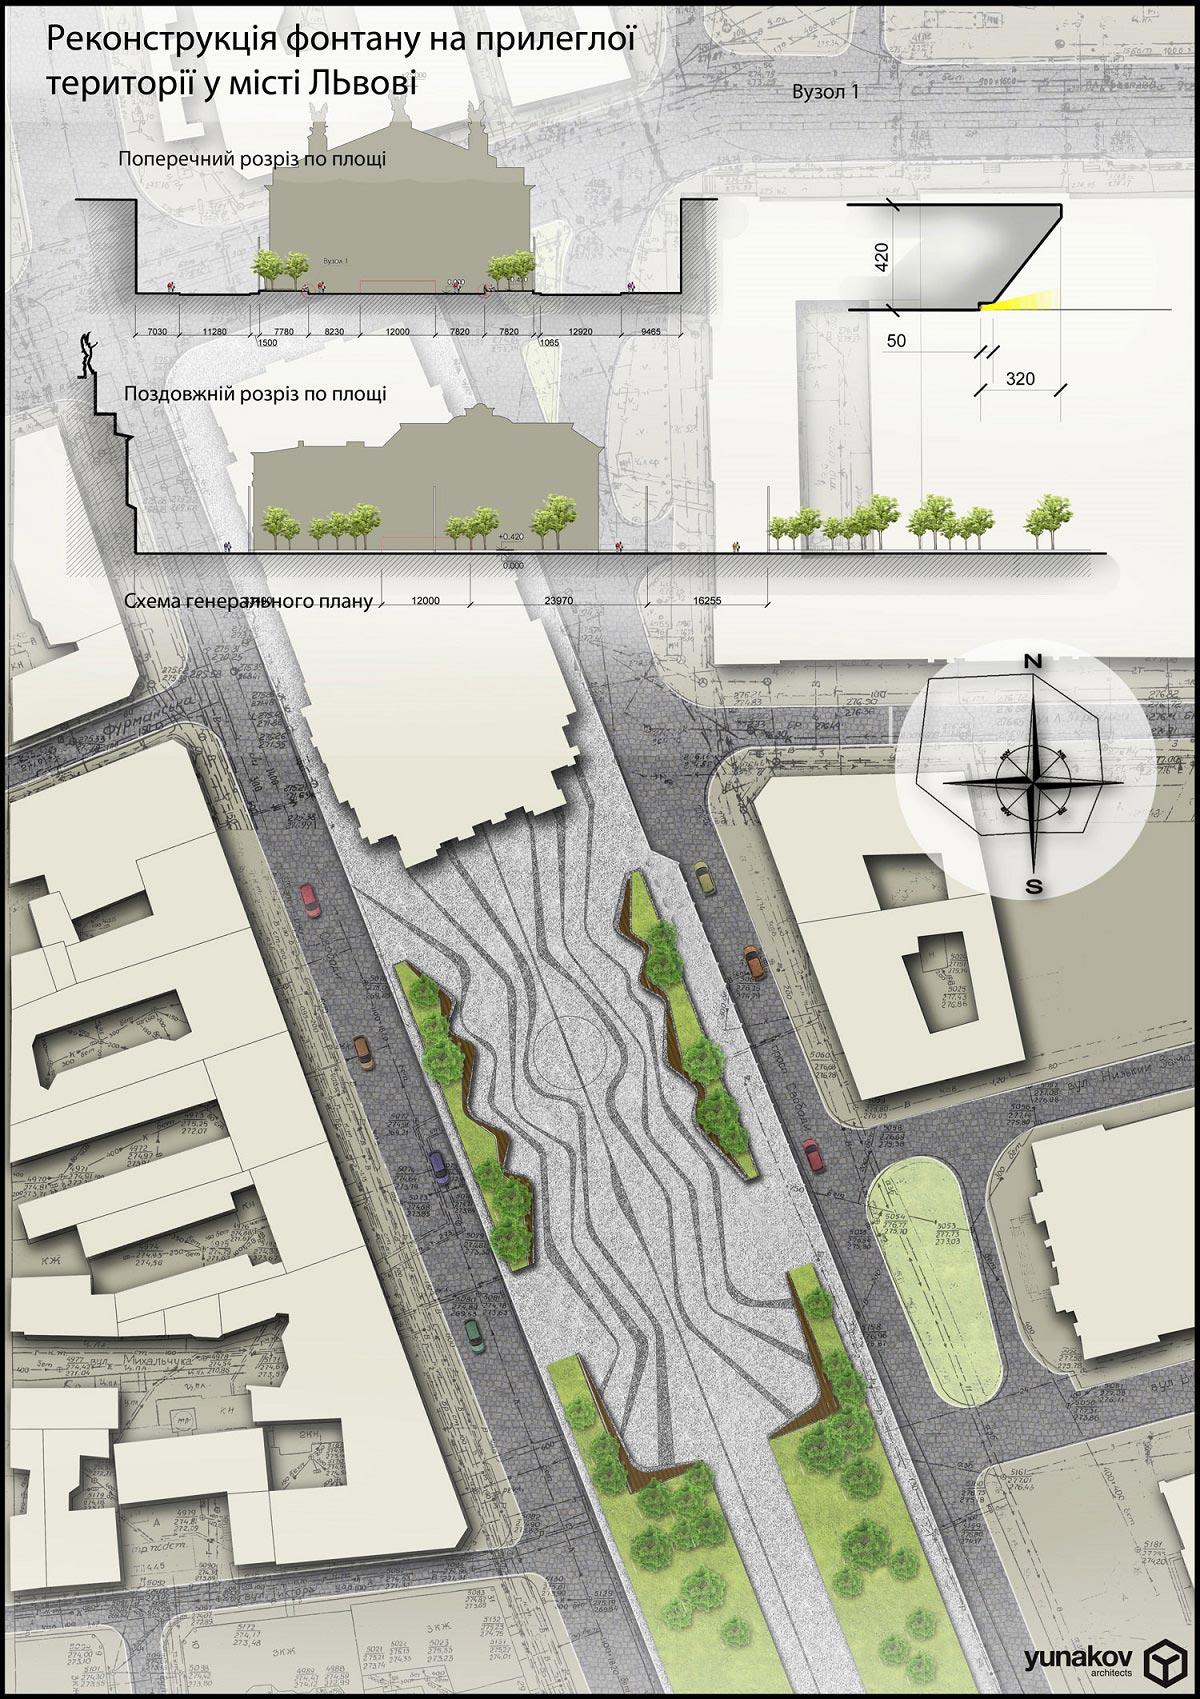 Проект реконструкції фонтану